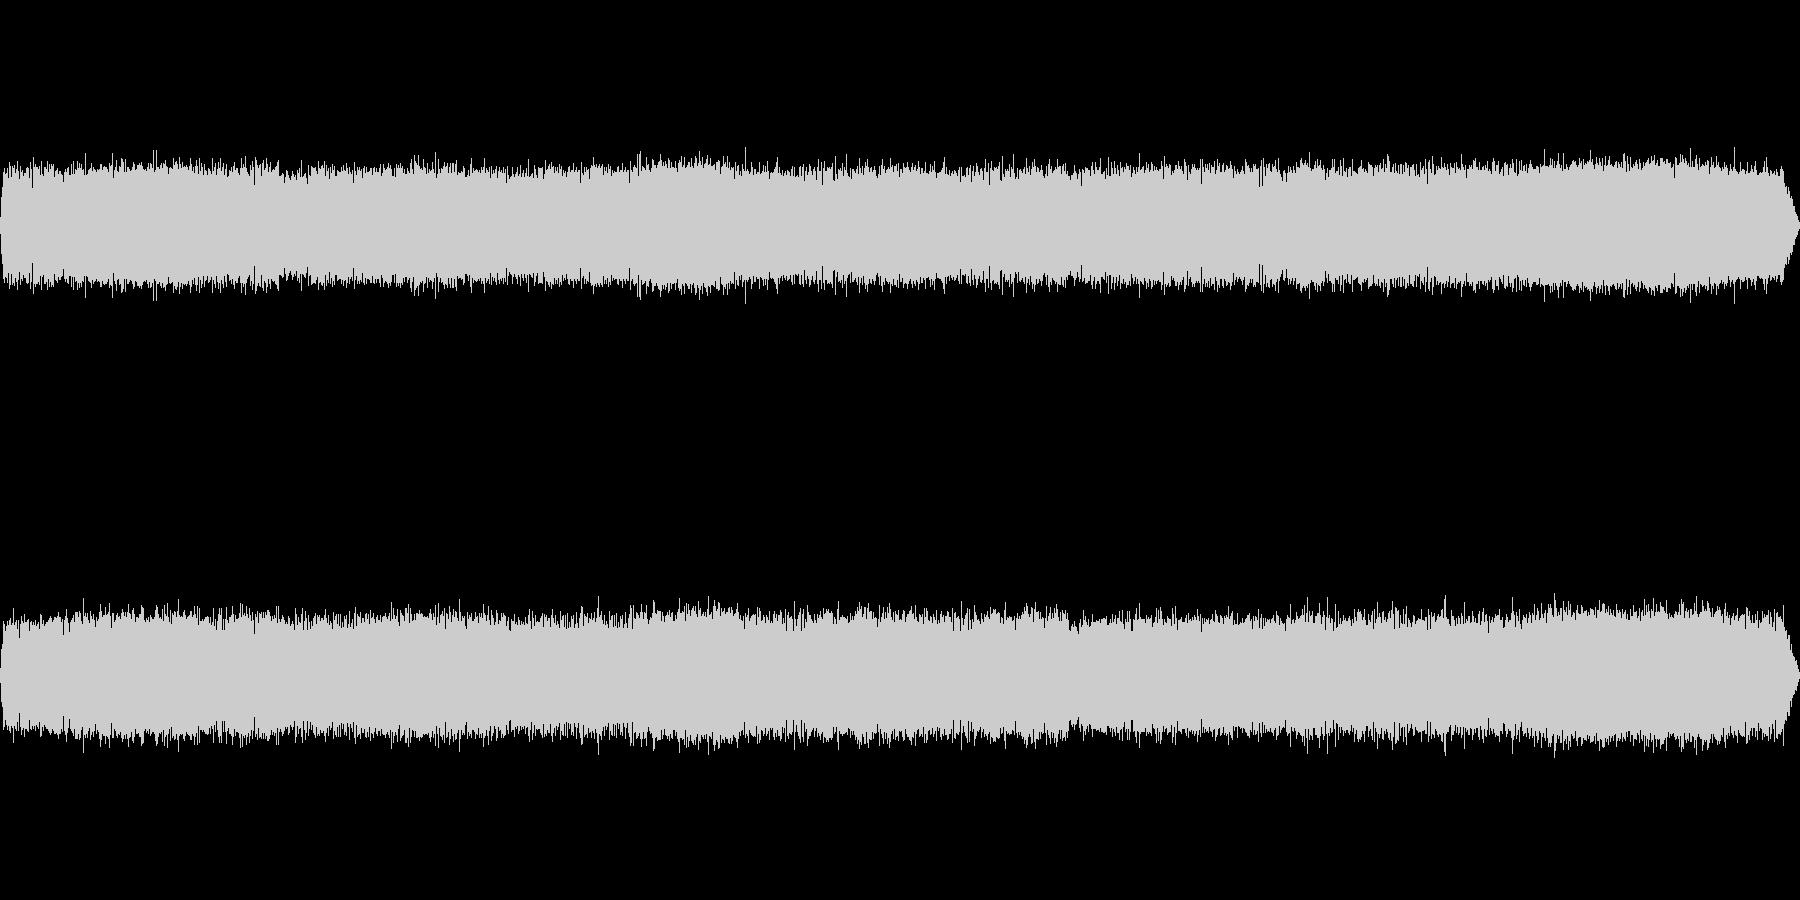 カエルの鳴き声-6の未再生の波形